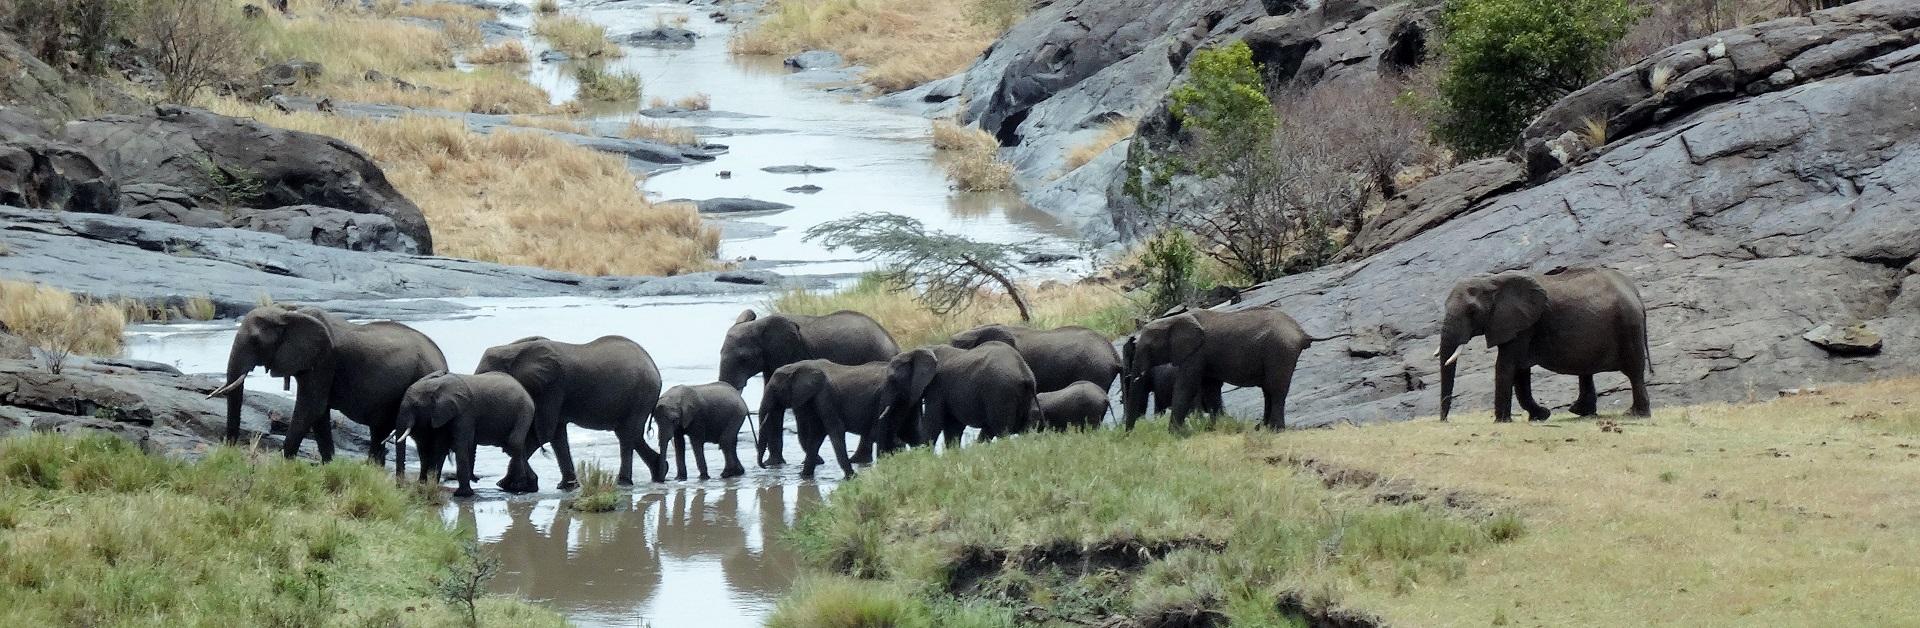 Kenya elephantsATW15